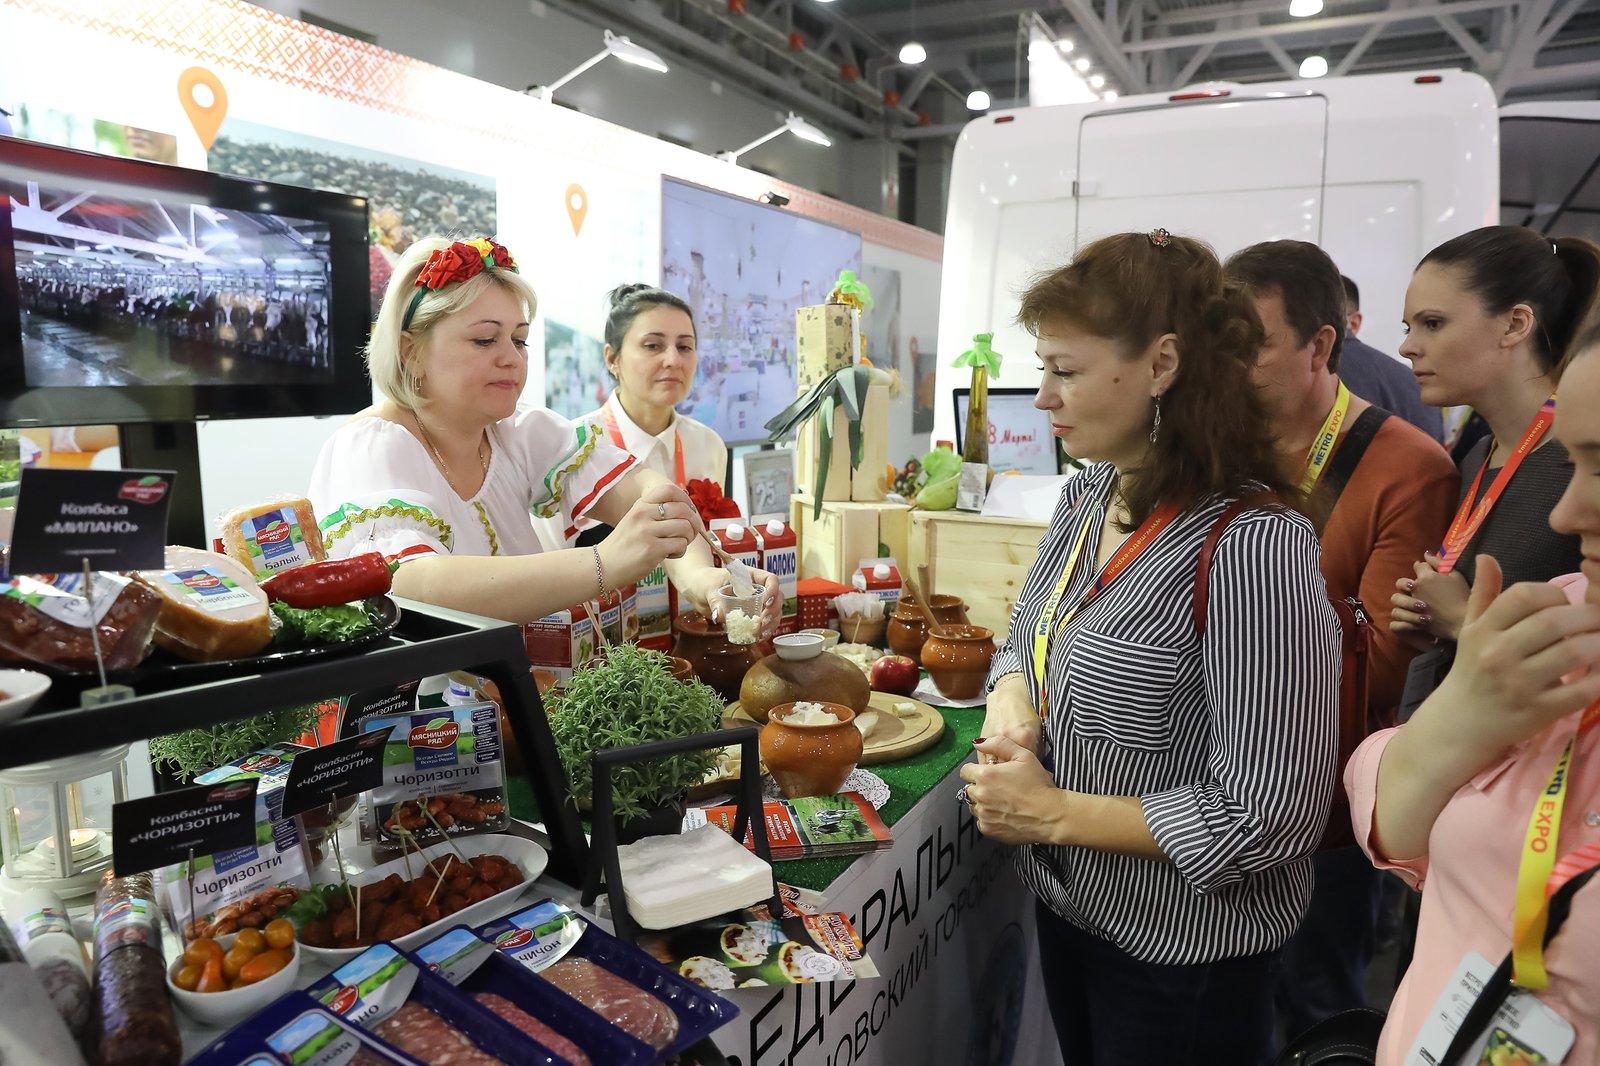 Андрей Воробьев губернатор московской области - METRO EXPO 2019: перспективы и будущее бизнеса в области